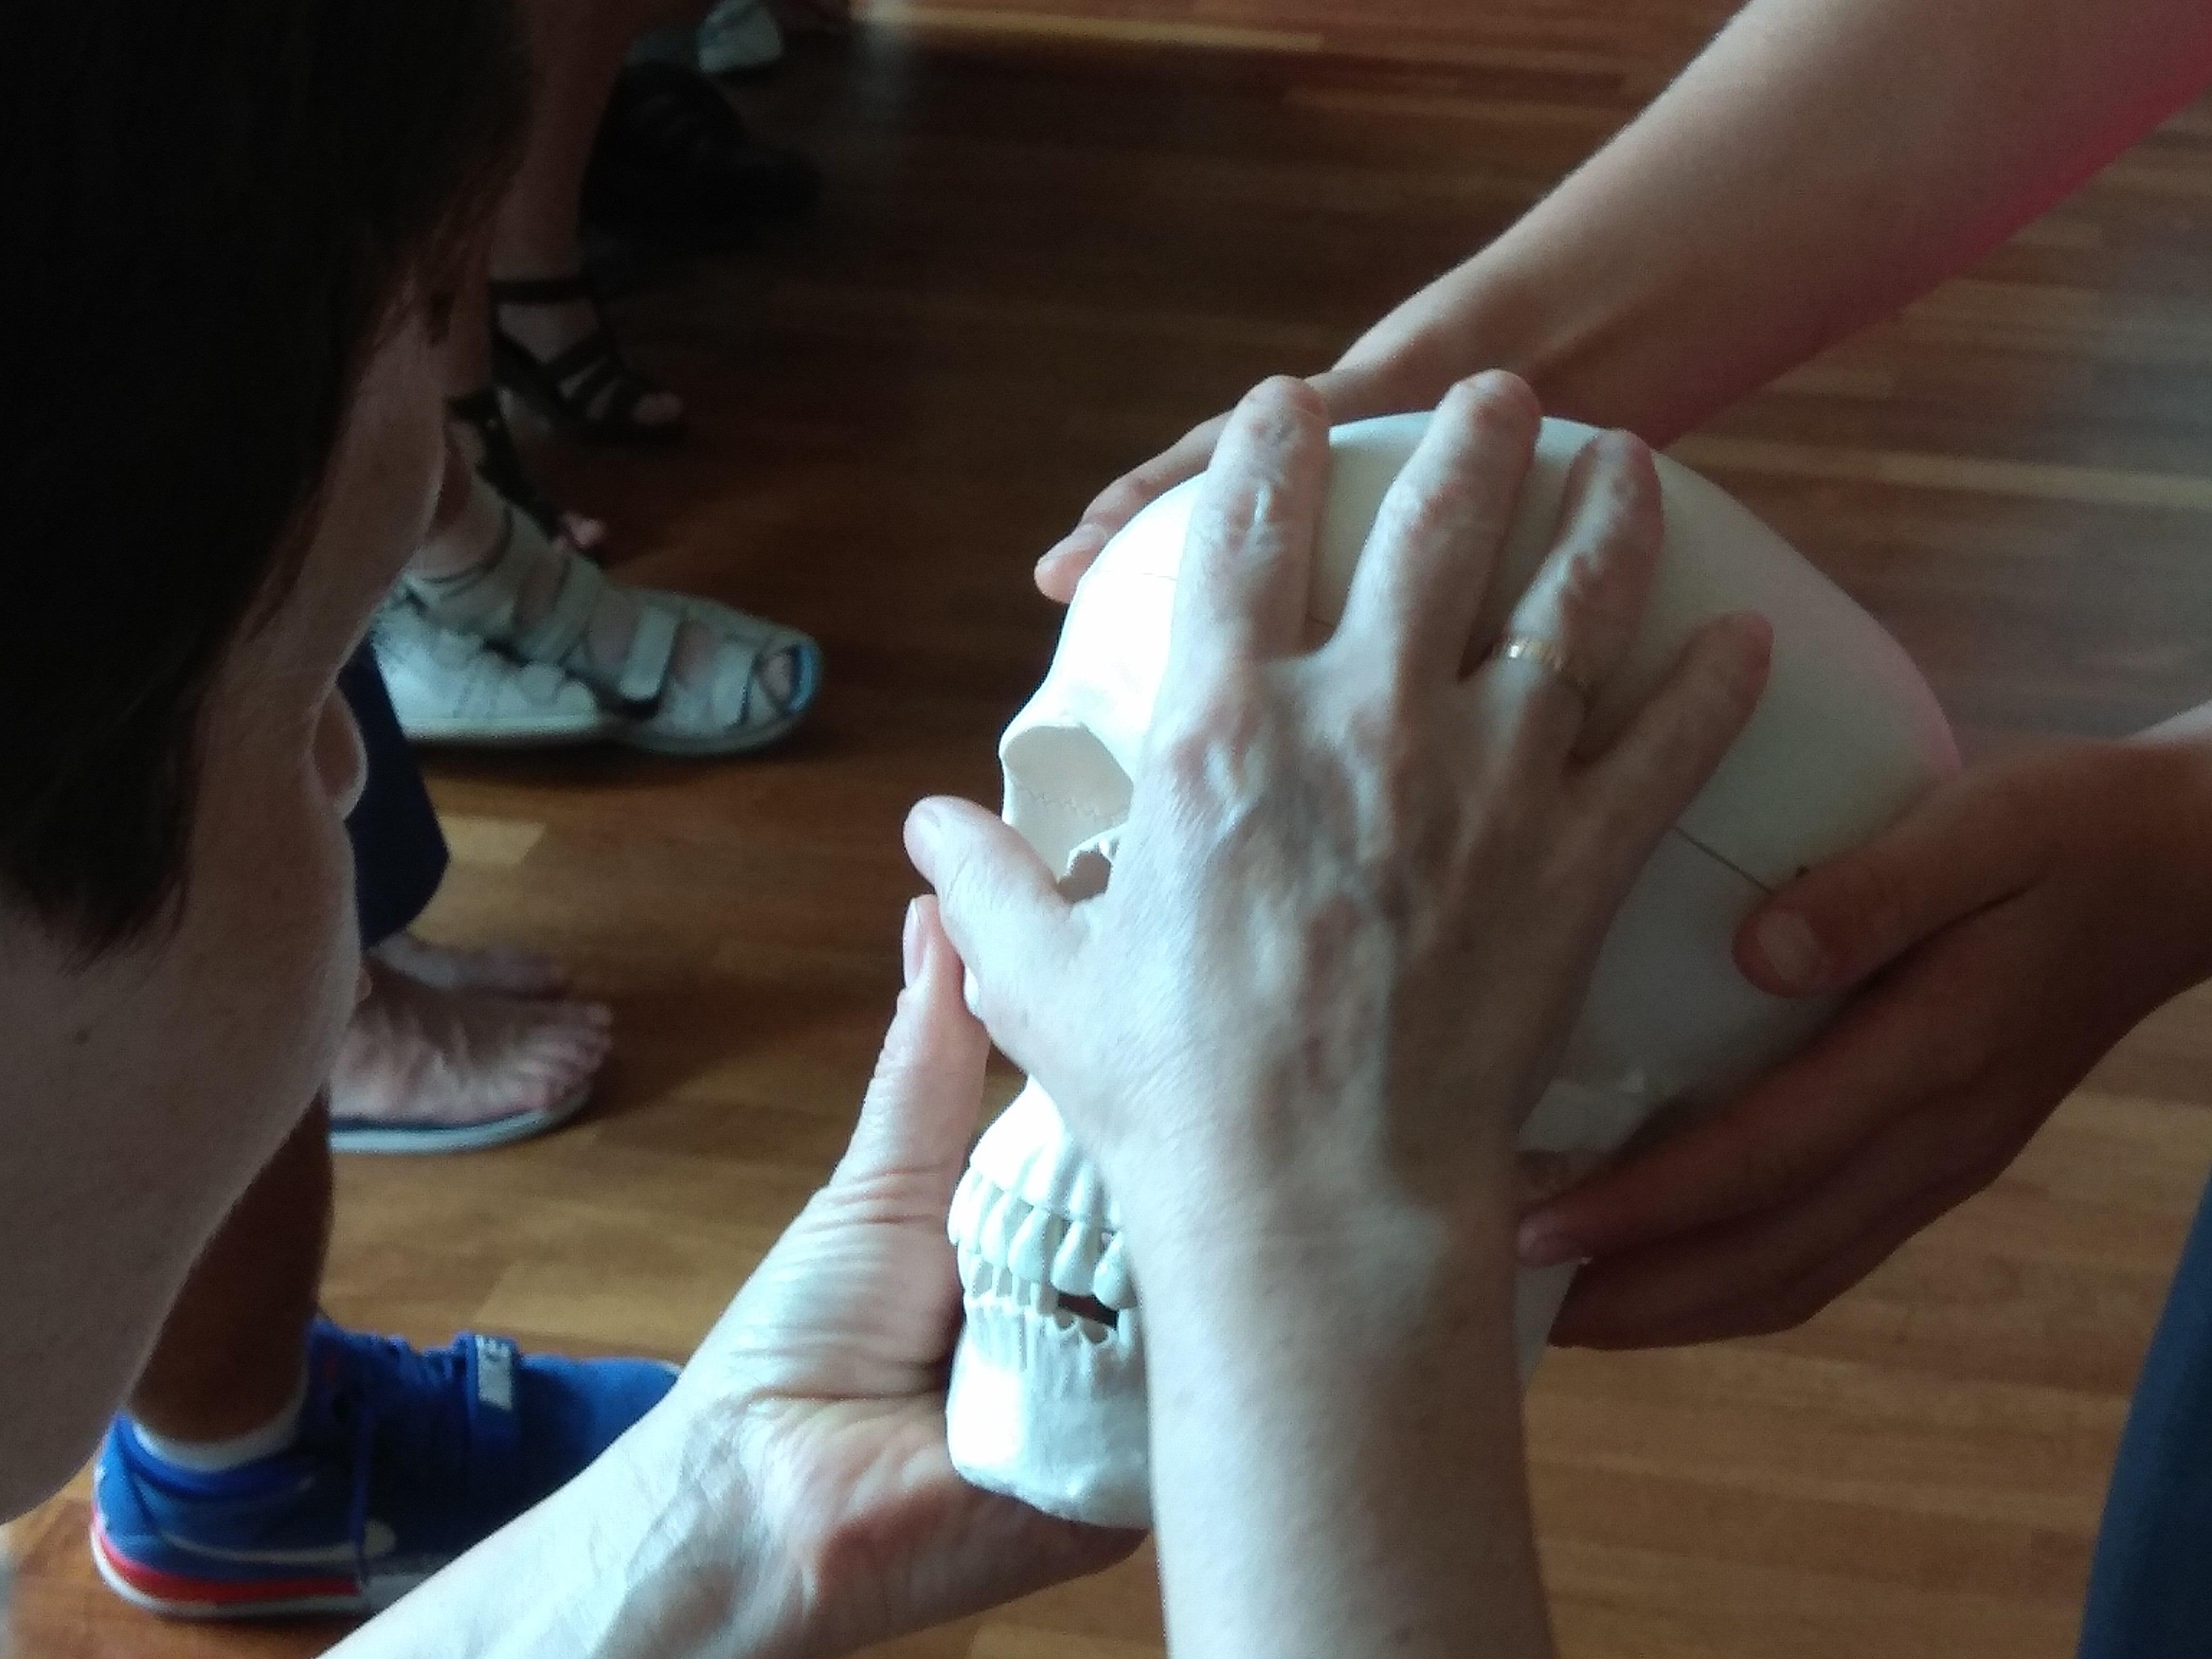 Dwoje uczestników poznaje dotykiem model czaszki ludzkiej.